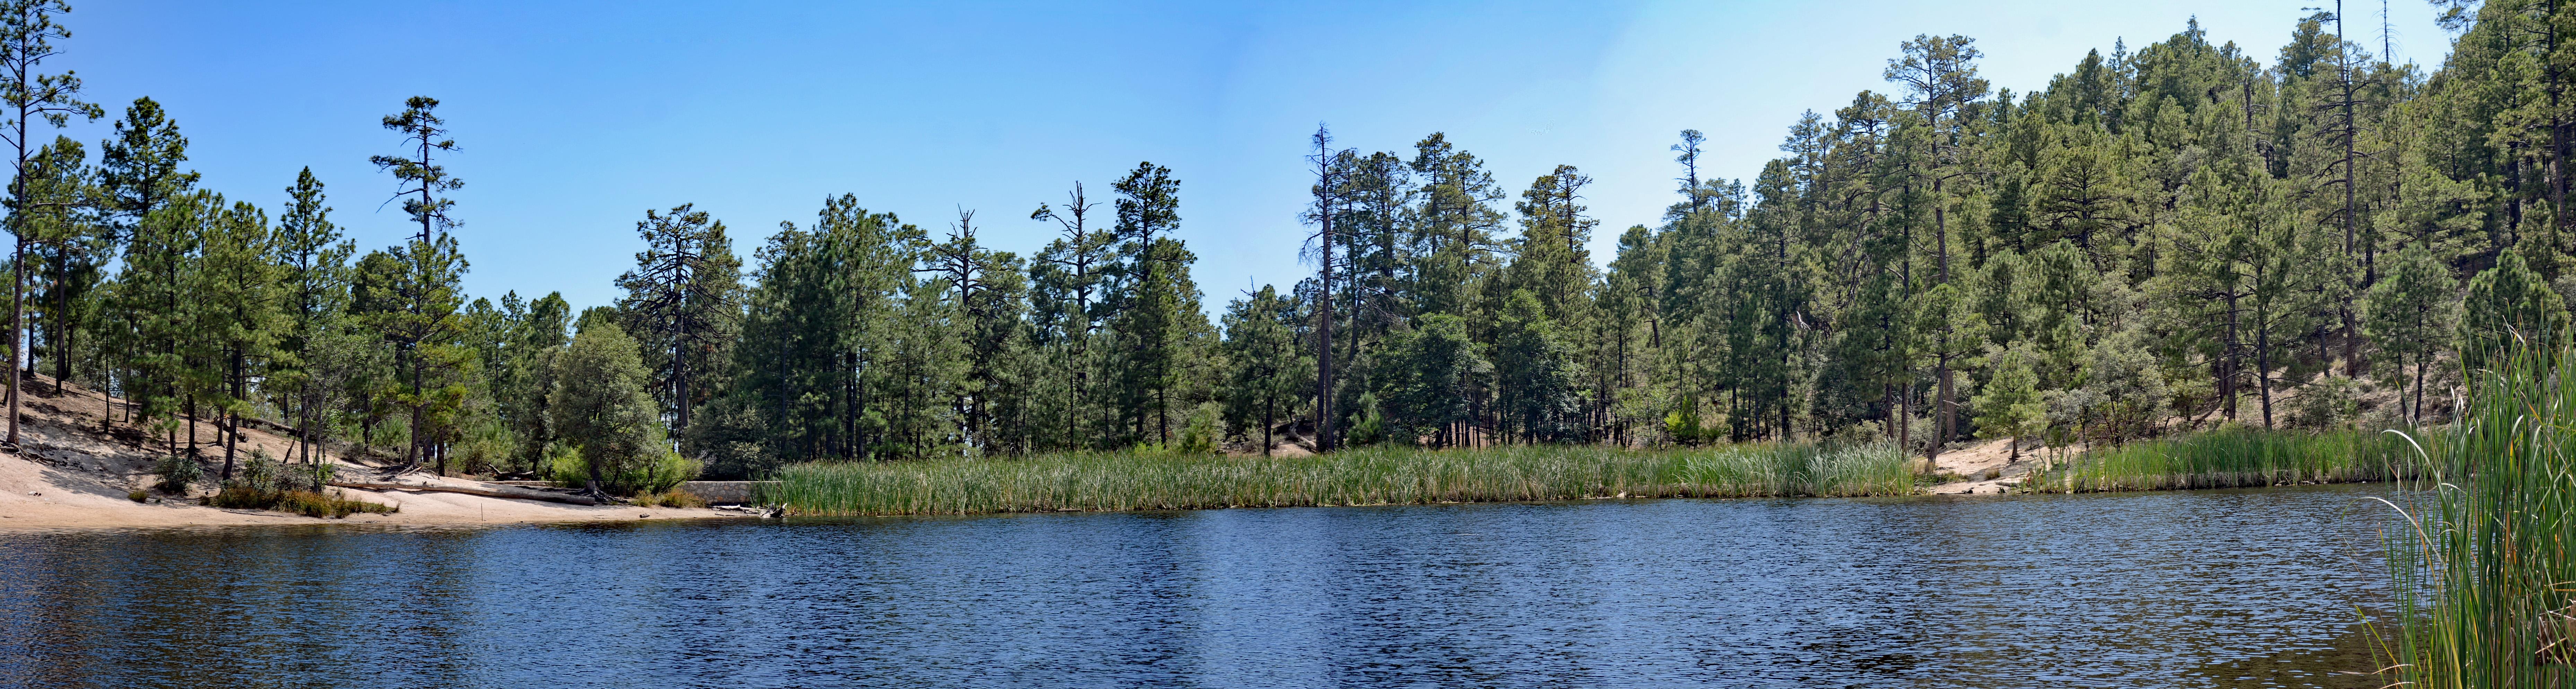 Rose Canyon Lake Pano 1_edited-1